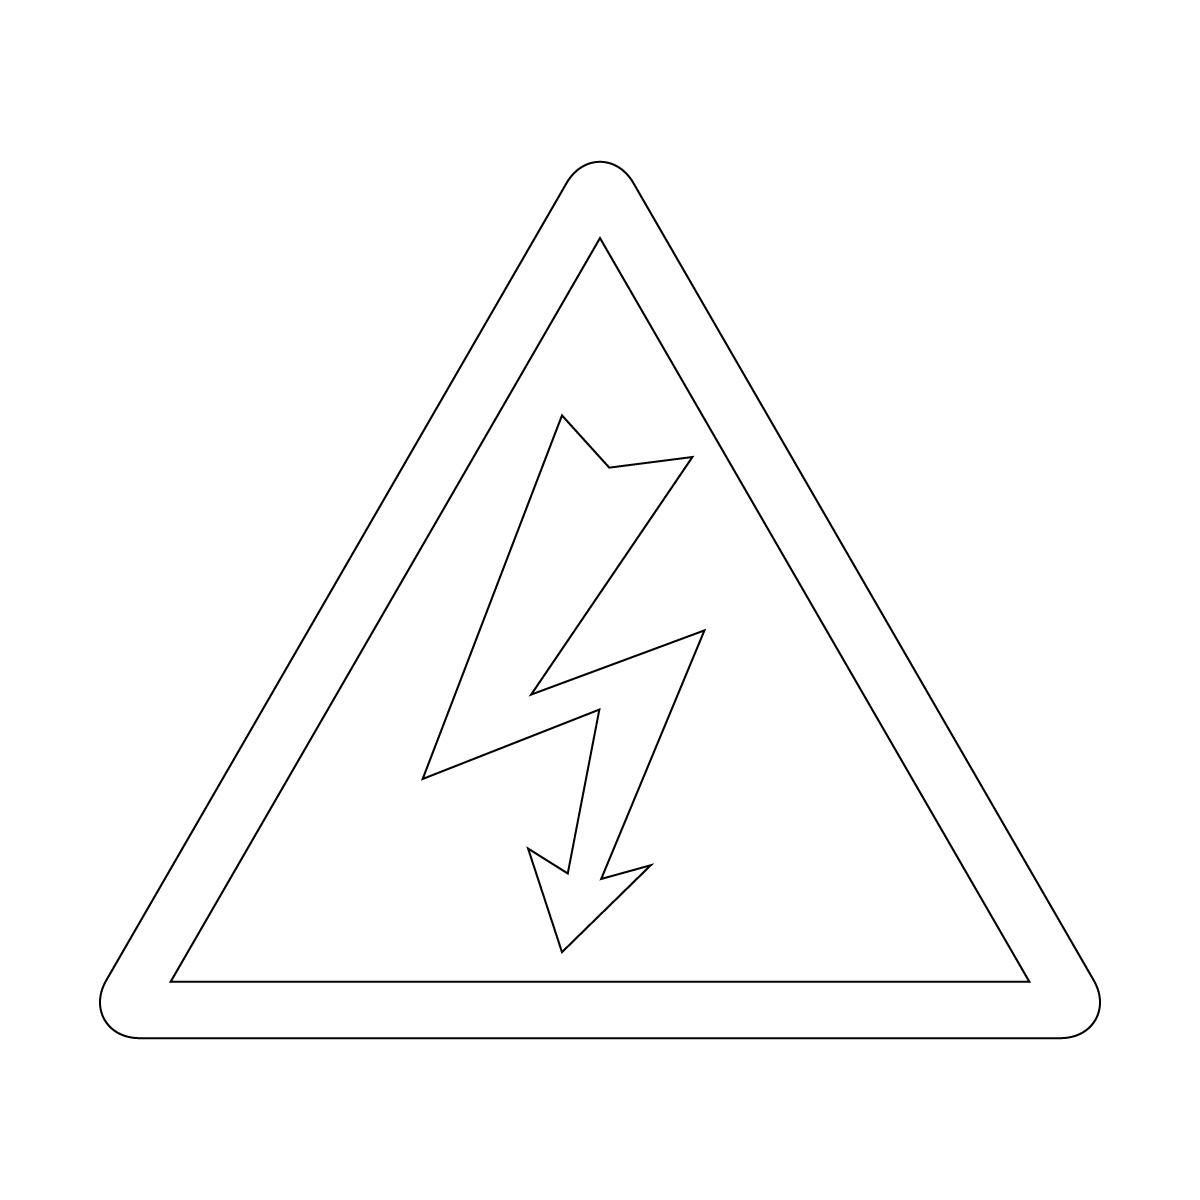 白色の感電・高圧電気注意マークのカッティングステッカー・シール 光沢タイプ・防水・耐水・屋外耐候3~4年